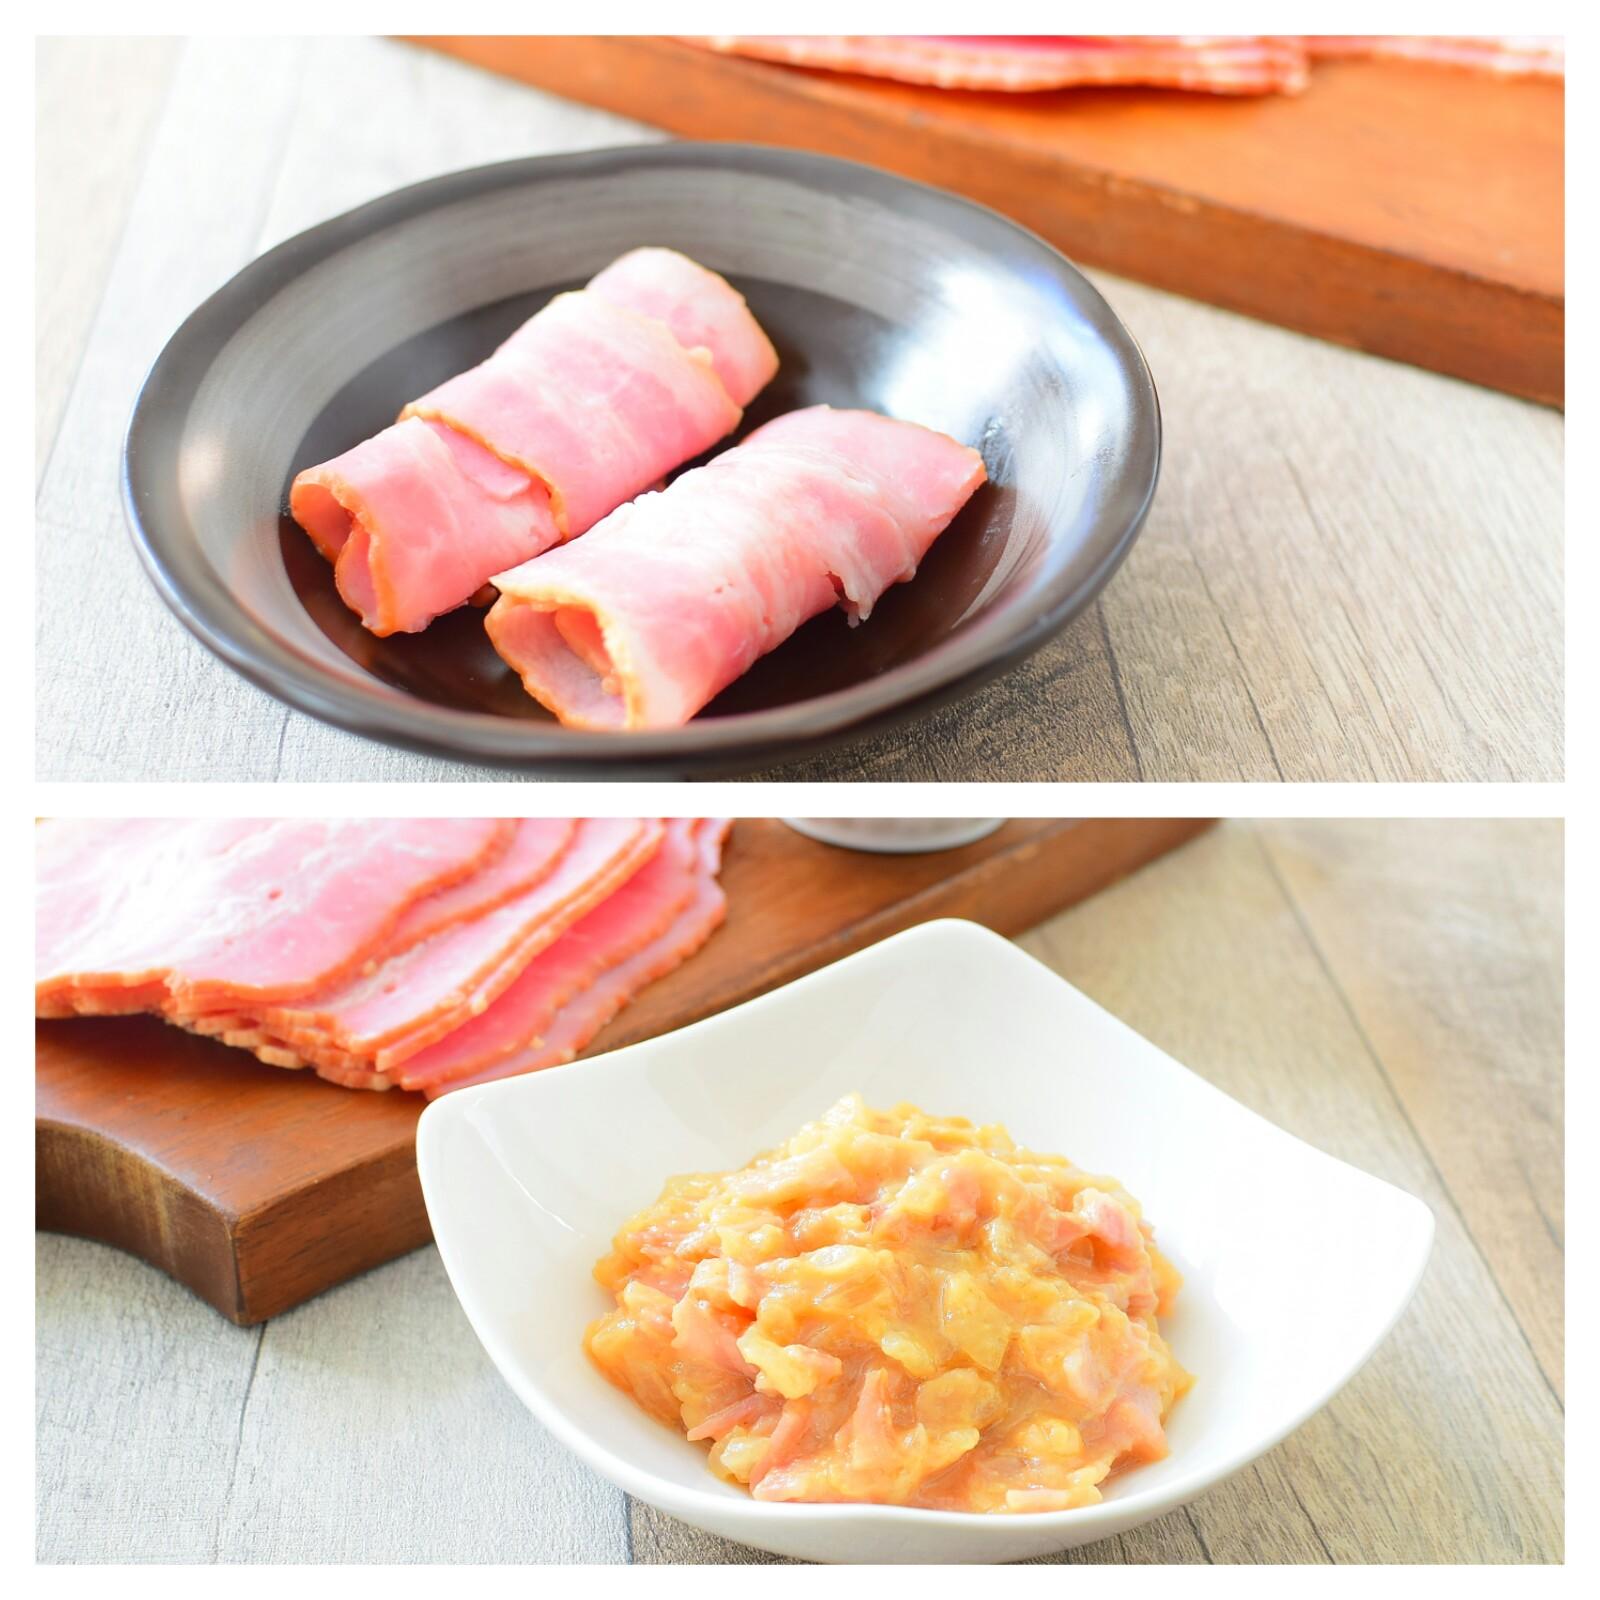 ベーコンの添加物を減らす方法&にんにくと召し上がれ!ベーコンねぎ味噌のレシピ